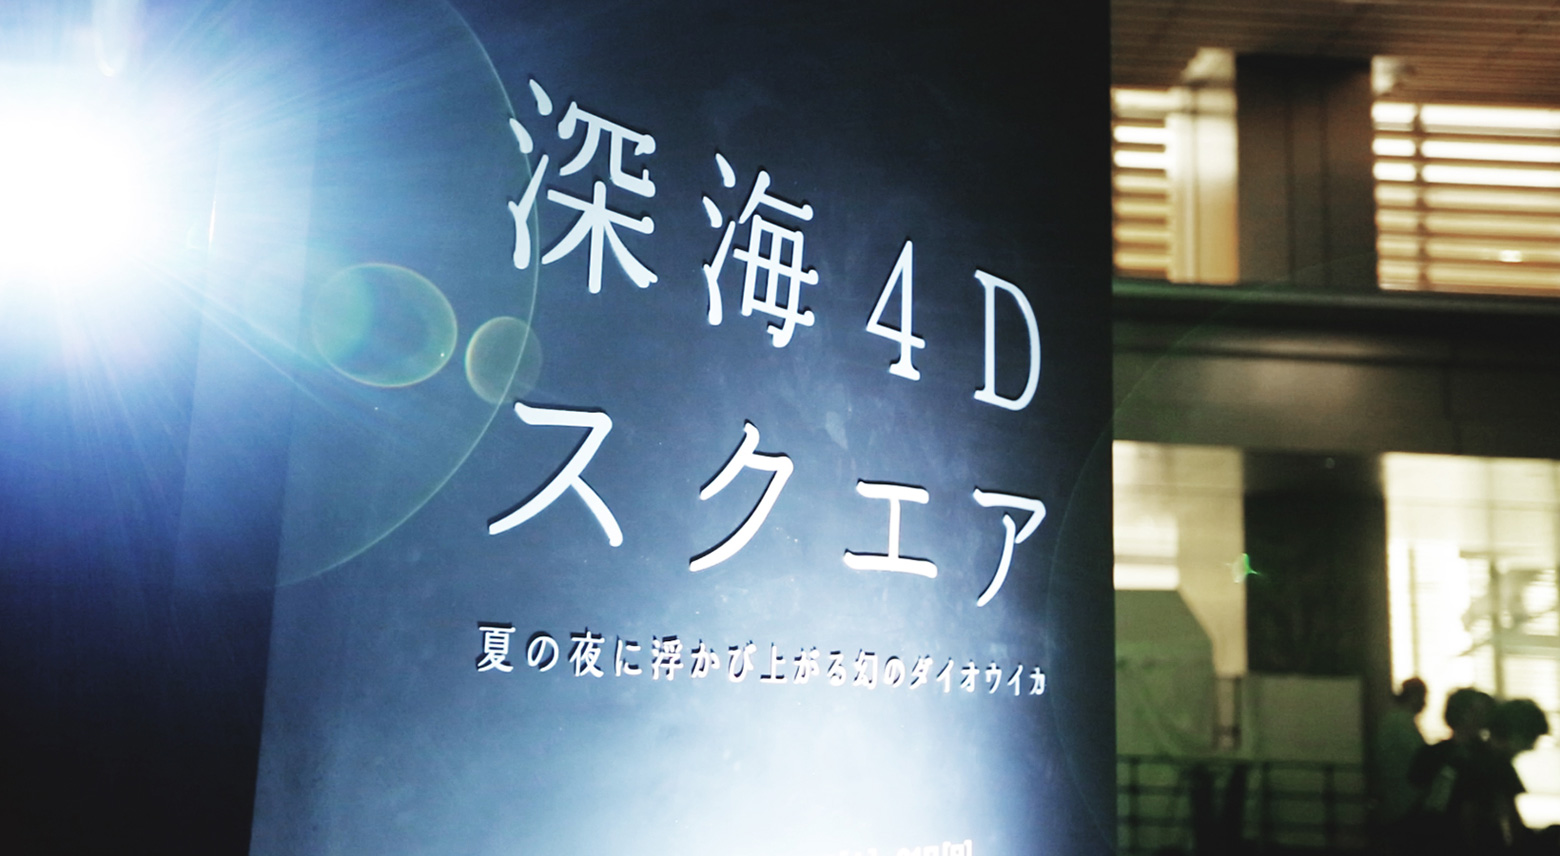 deap_02